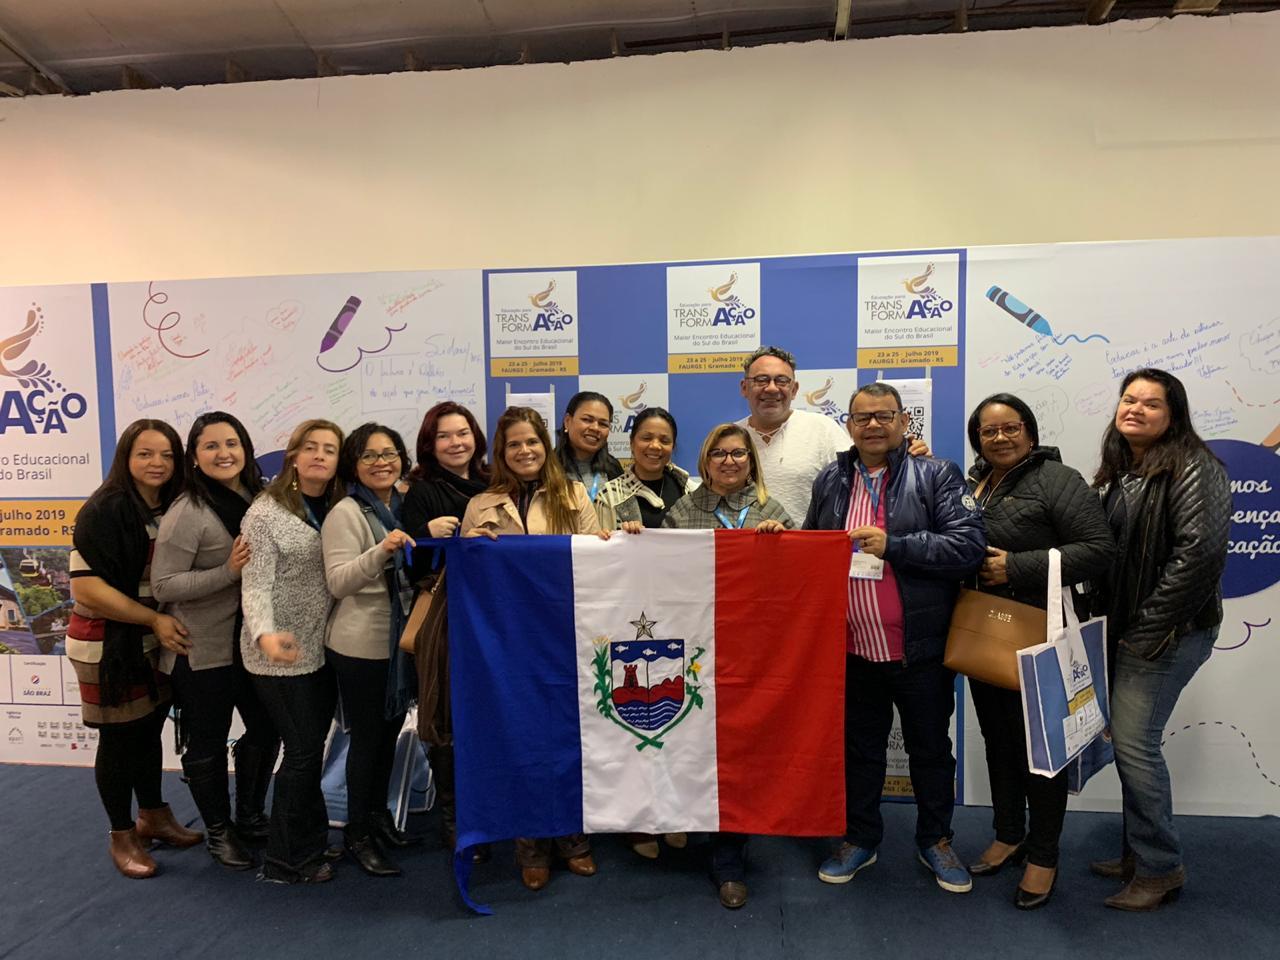 Undime Alagoas participa de Encontro Educacional do Sul em Gramado-RS